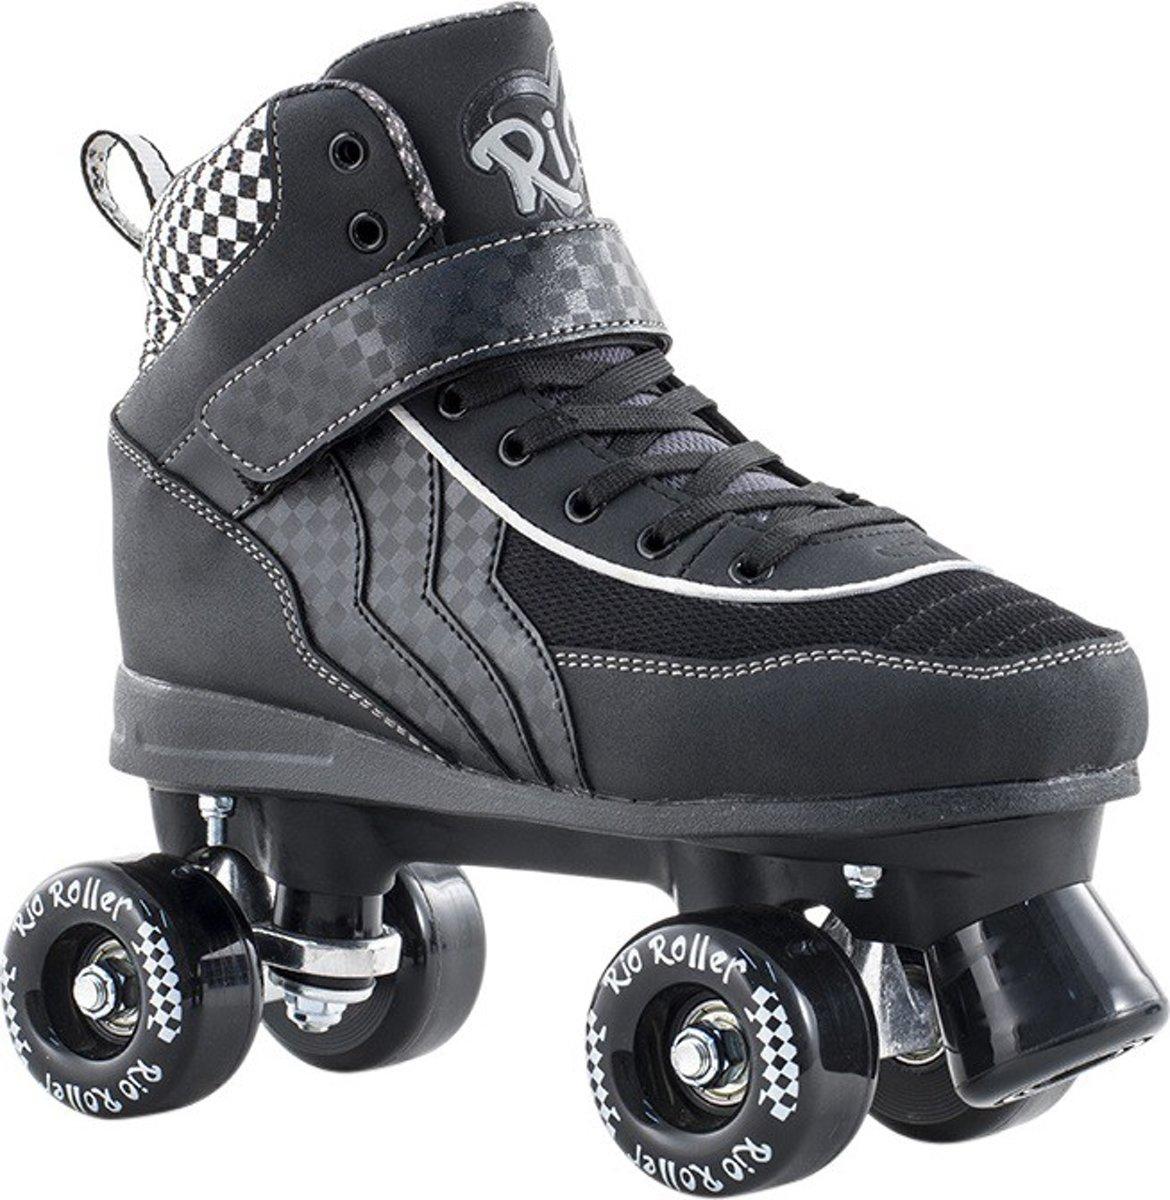 Rolschaatsen Rio Roller Mayhem  - Maat 43 kopen